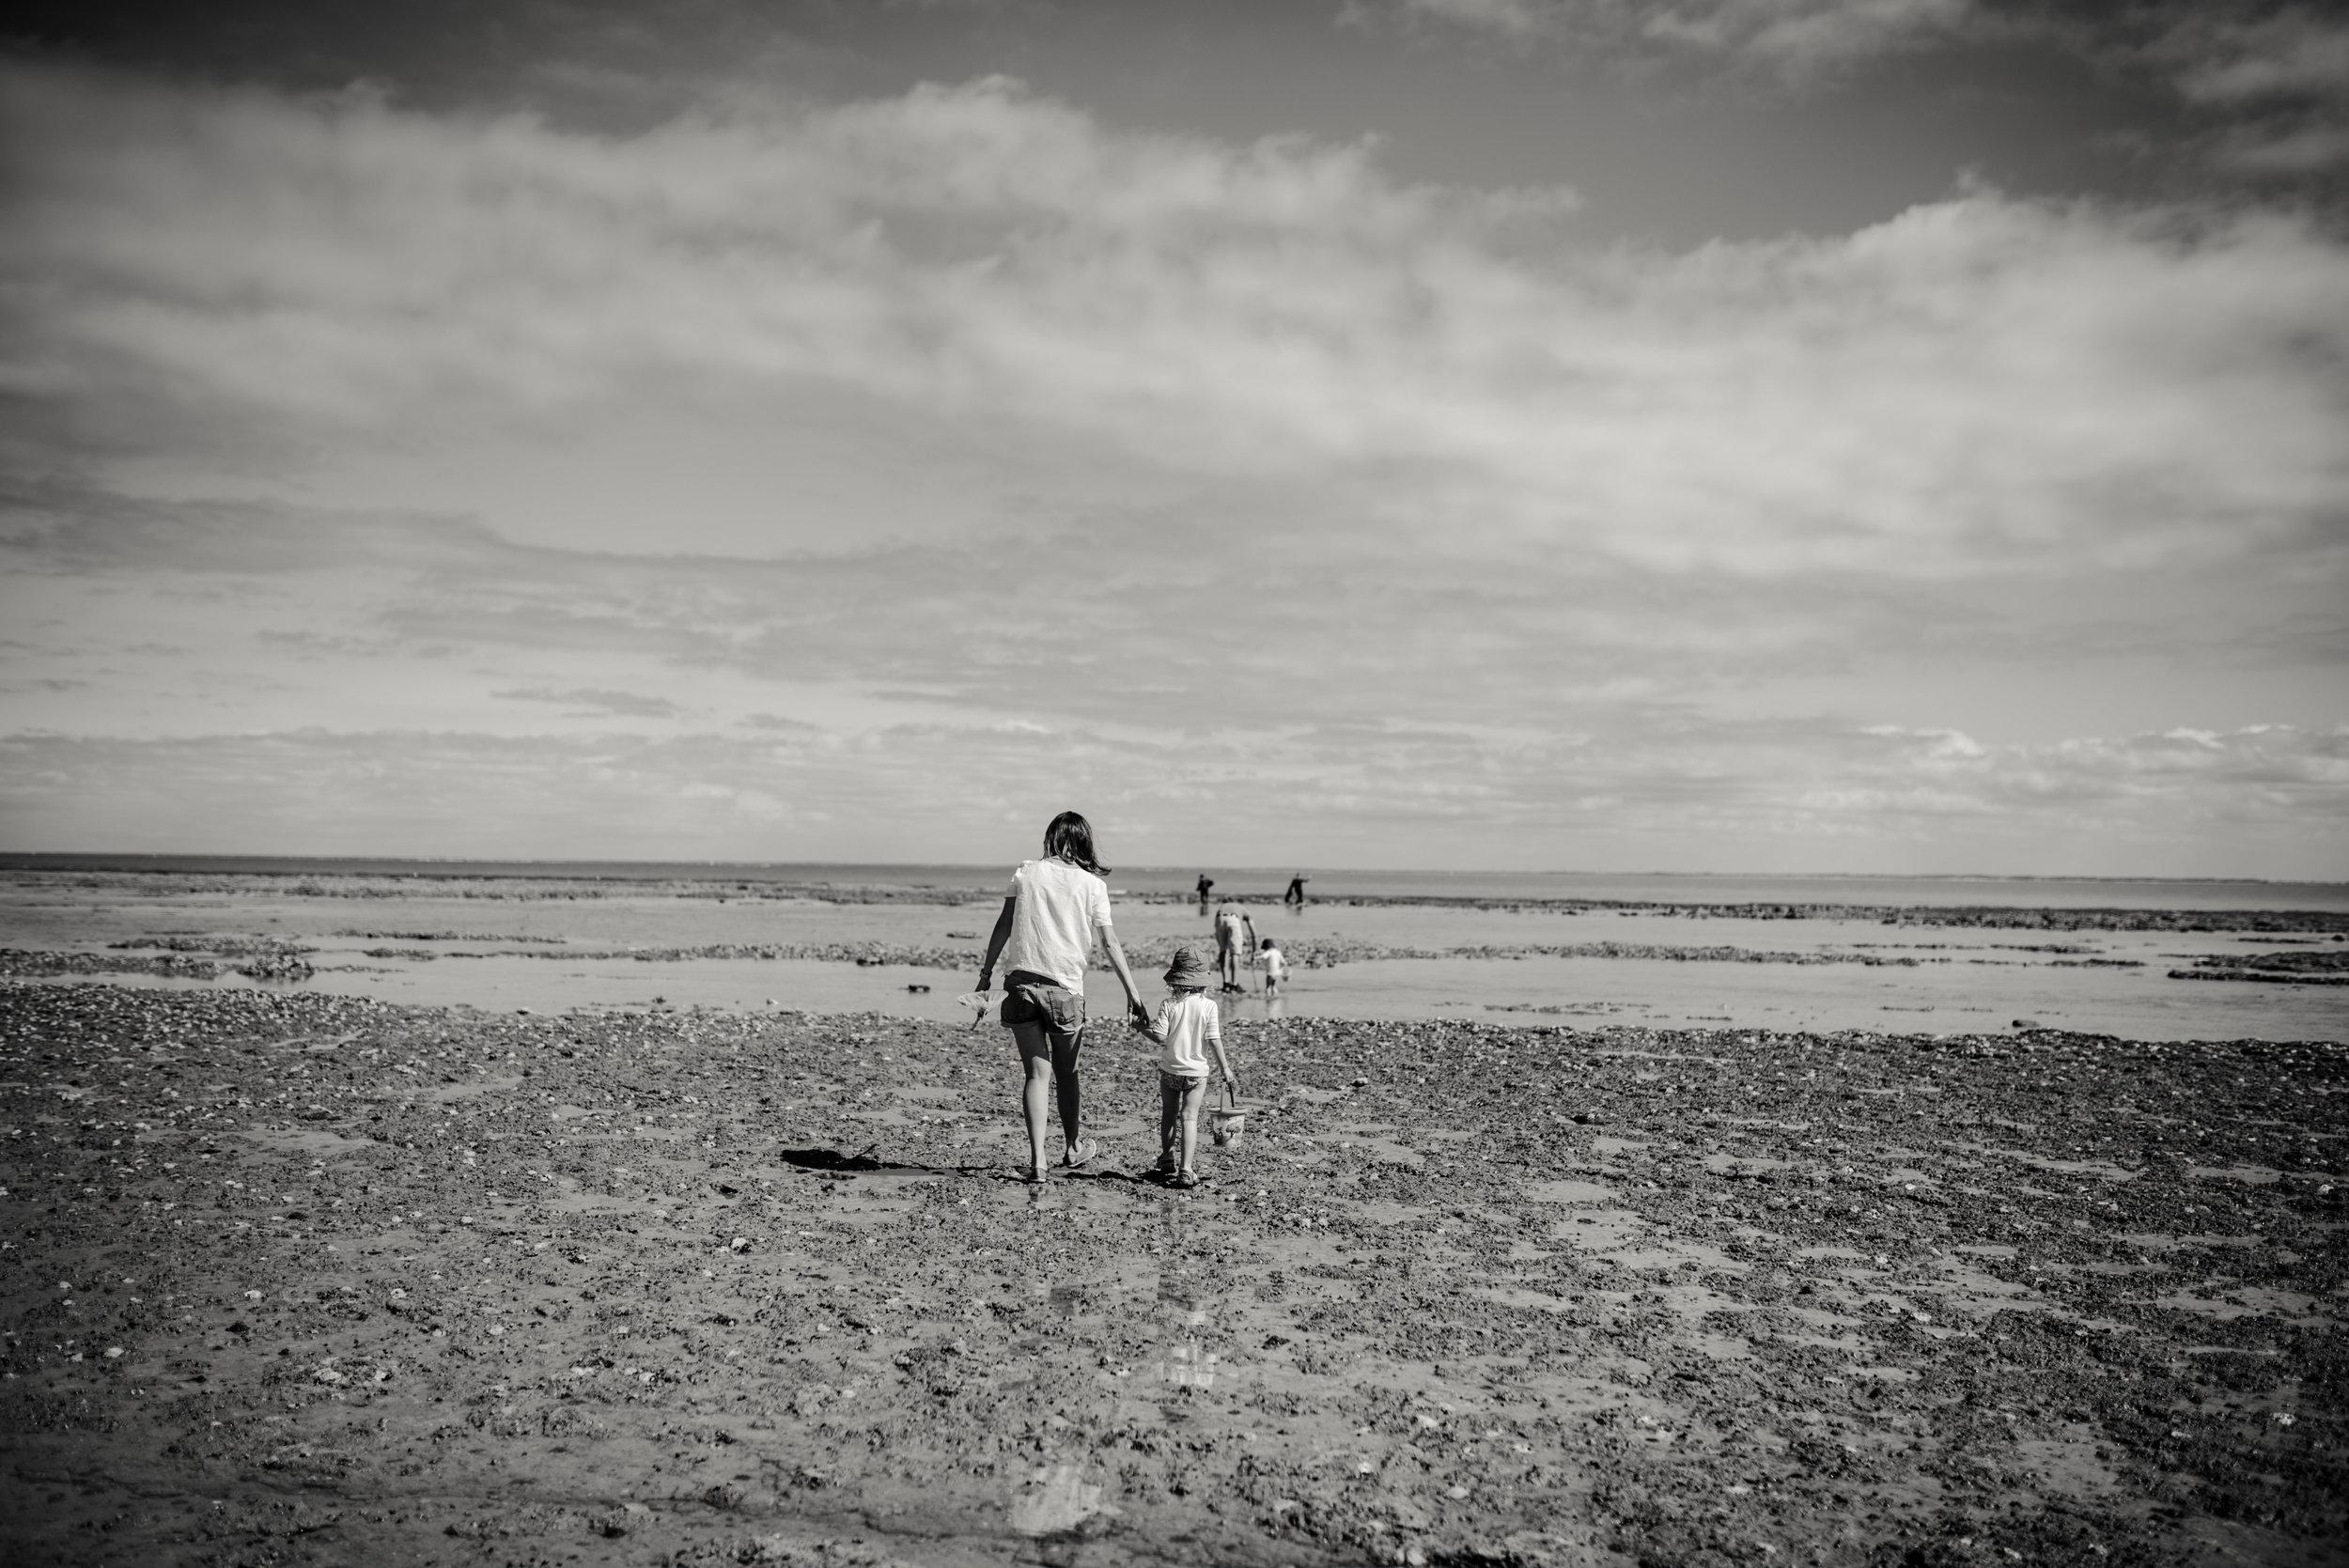 Léa-Fery-photographe-professionnel-lyon-rhone-alpes-portrait-creation-mariage-evenement-evenementiel-famille-2769.jpg